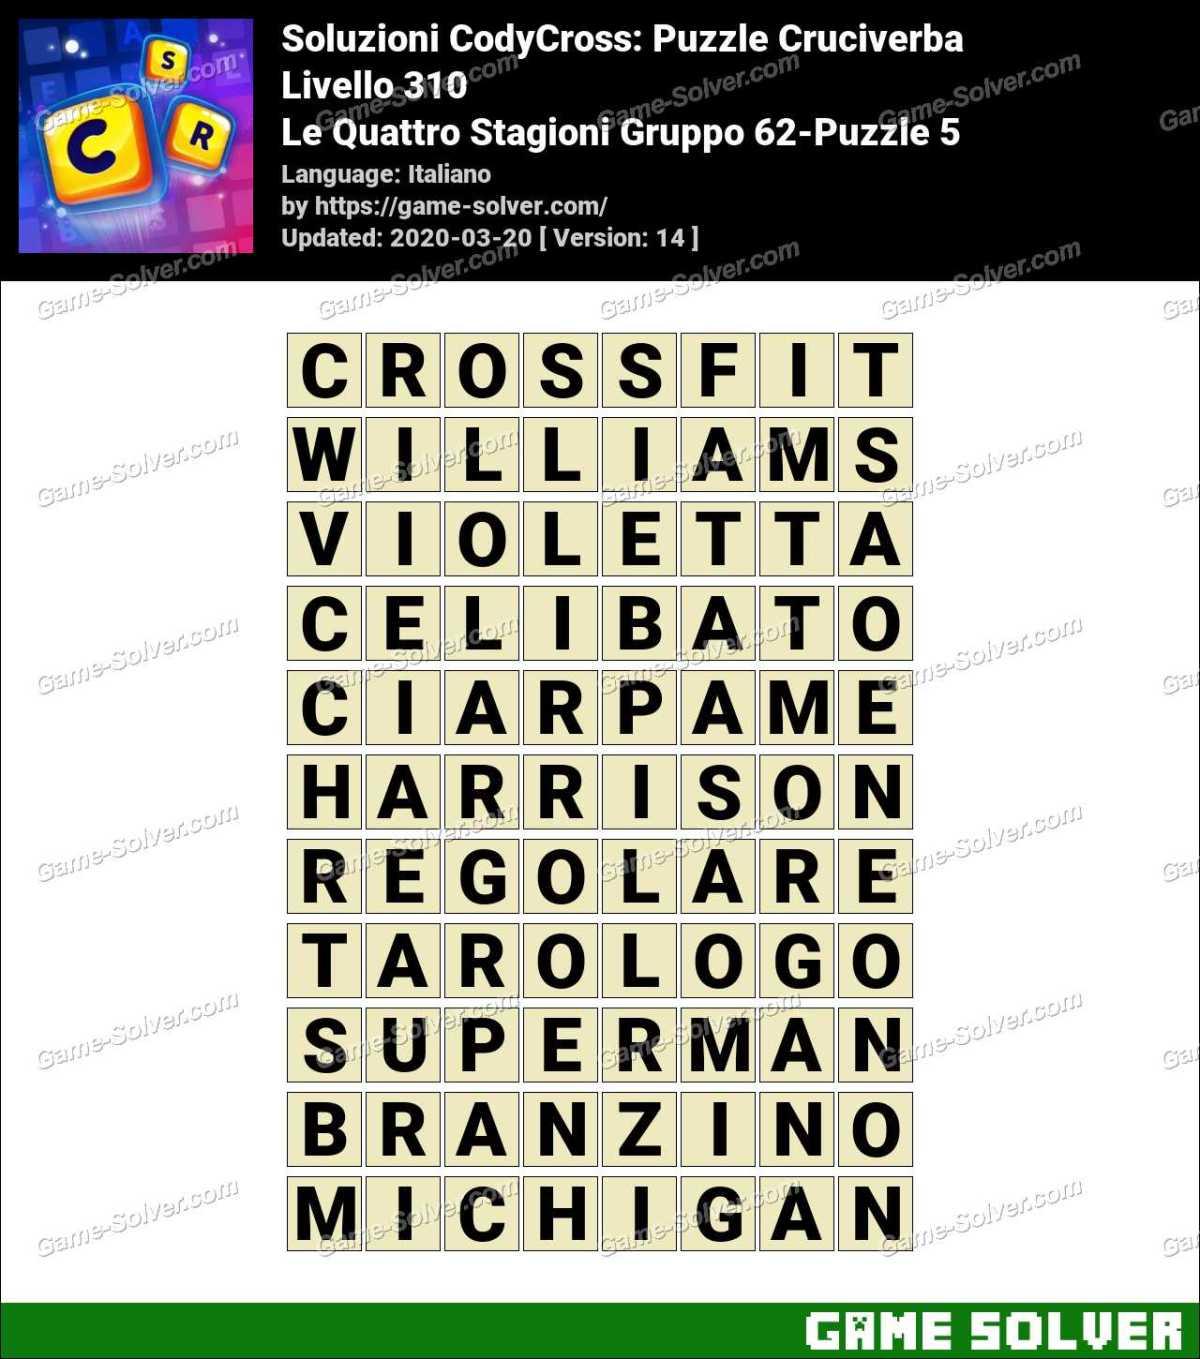 Soluzioni CodyCross Le Quattro Stagioni Gruppo 62-Puzzle 5